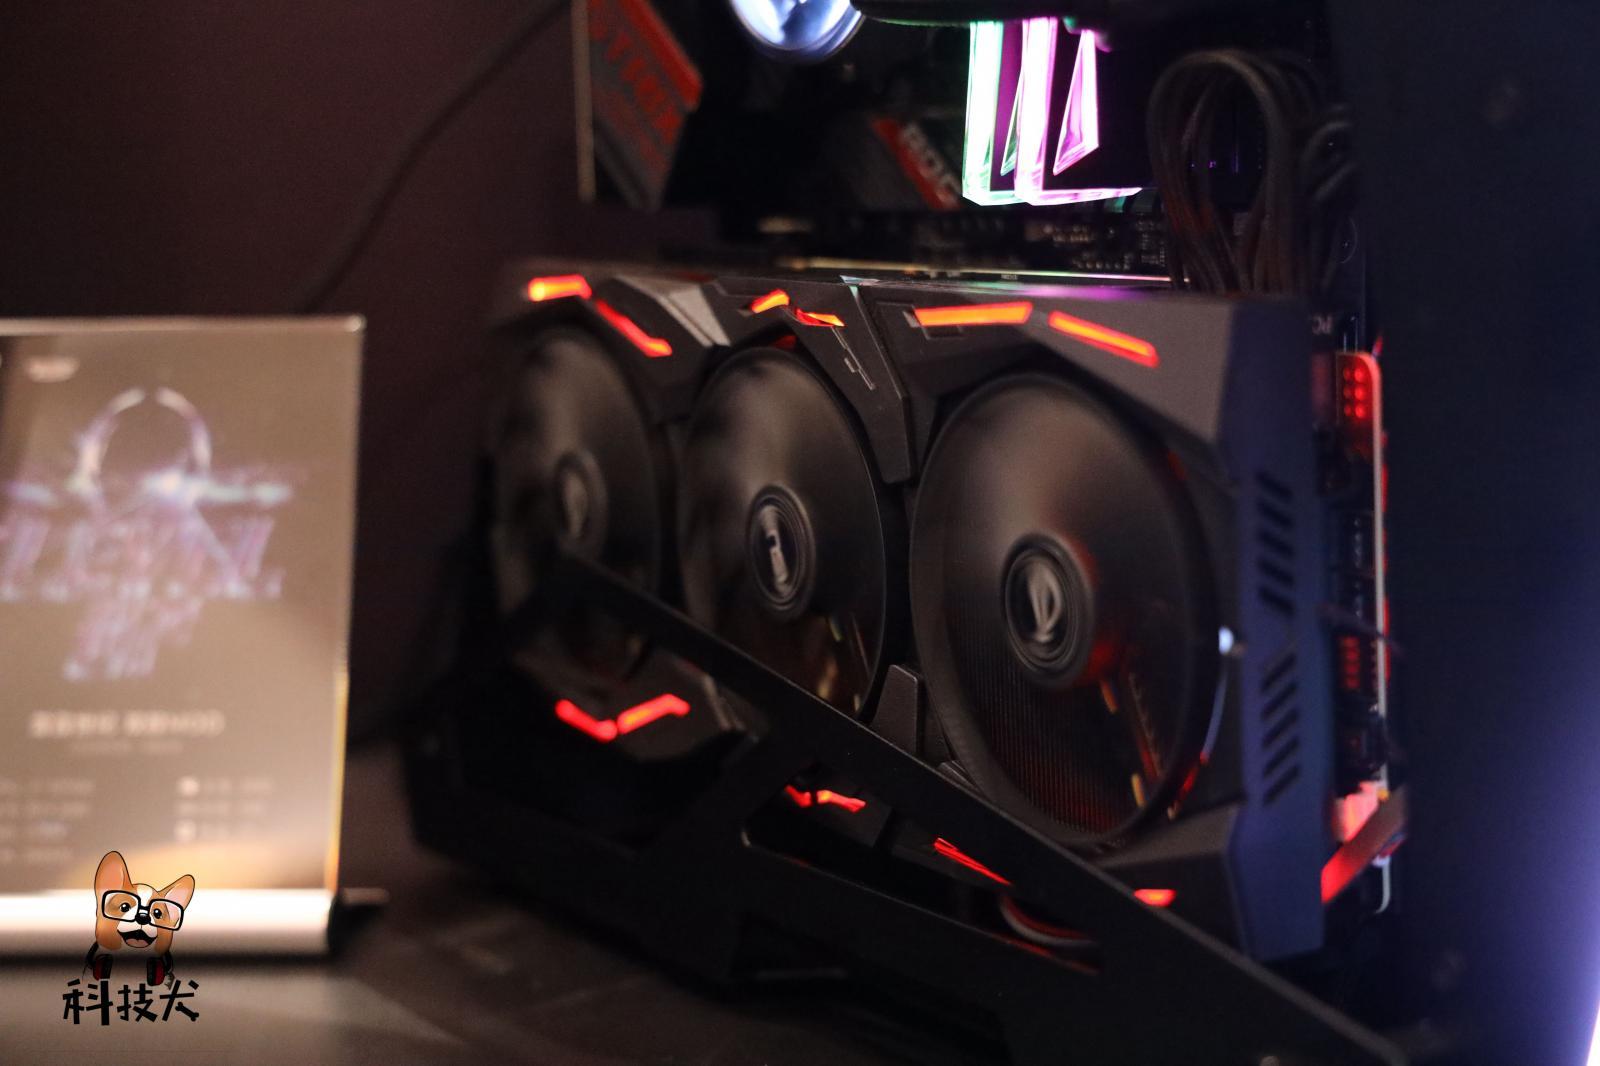 「科技犬」值得买新品PC整机盘点:联想雷神推RTX3090